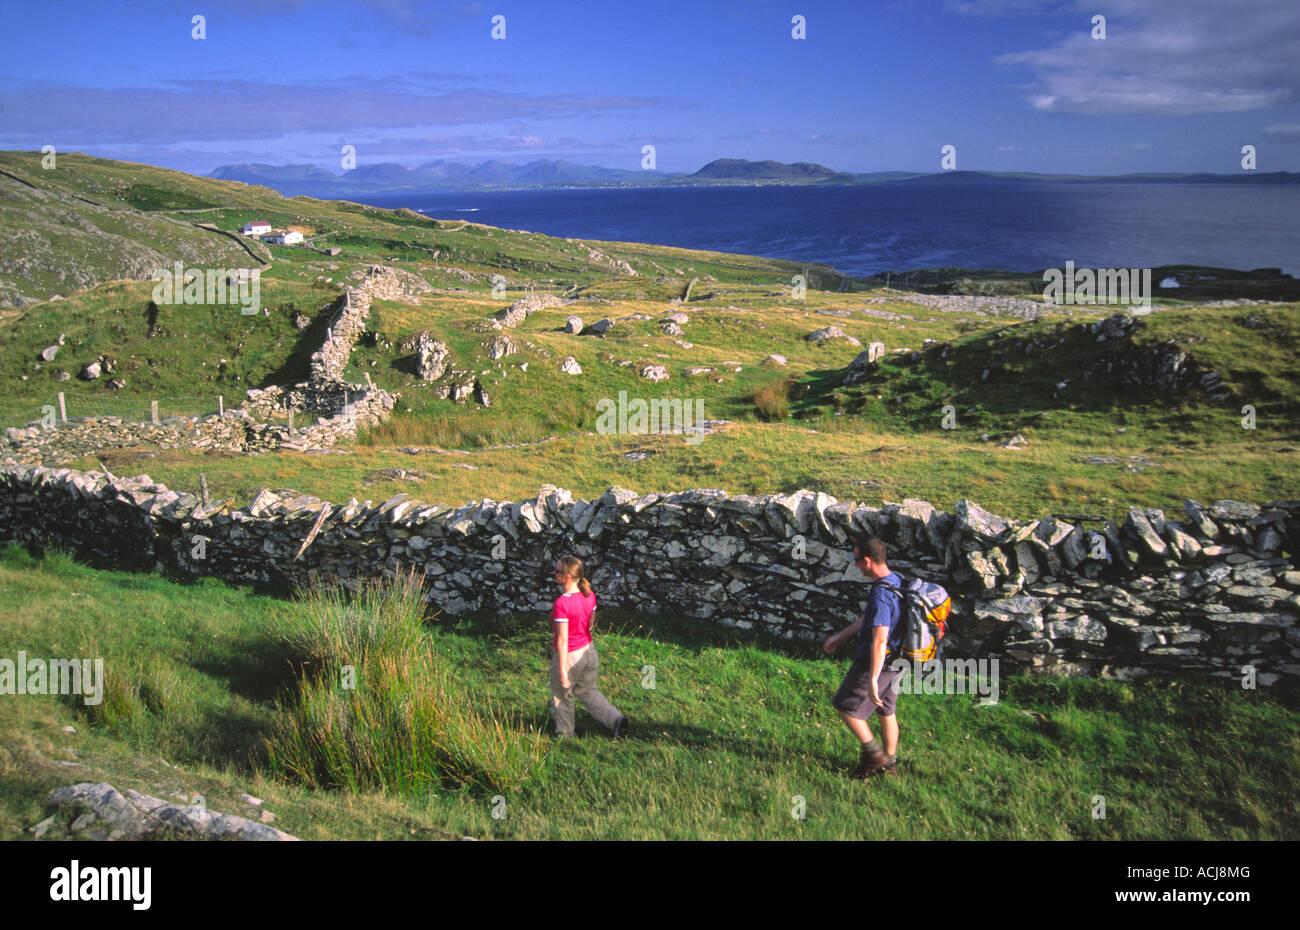 Walkers exploring Inishturk Island, County Mayo, Ireland. - Stock Image